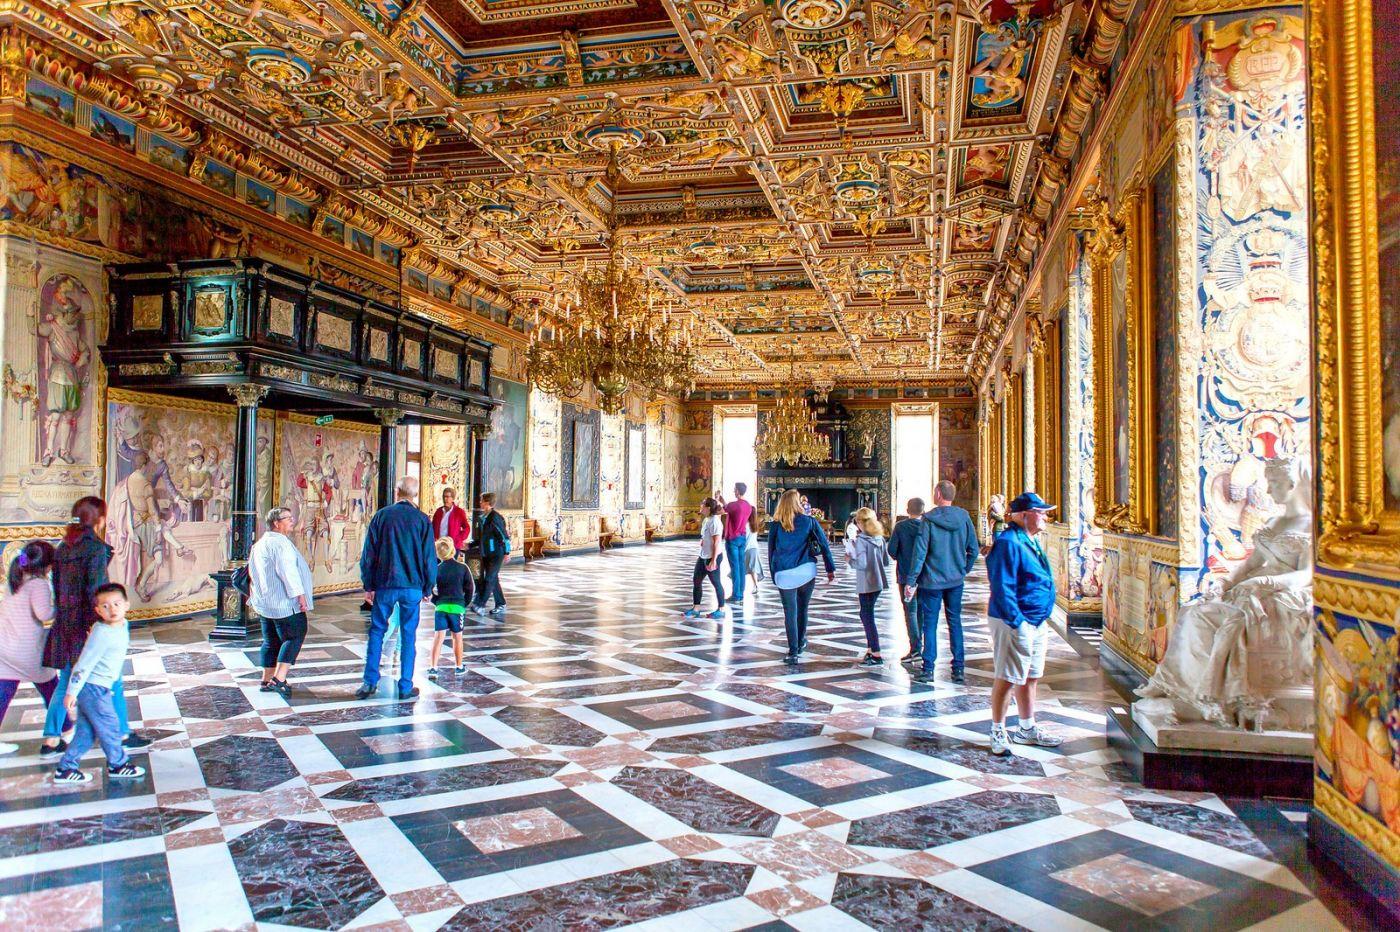 丹麦腓特烈堡城堡,金碧辉煌的大厅_图1-27